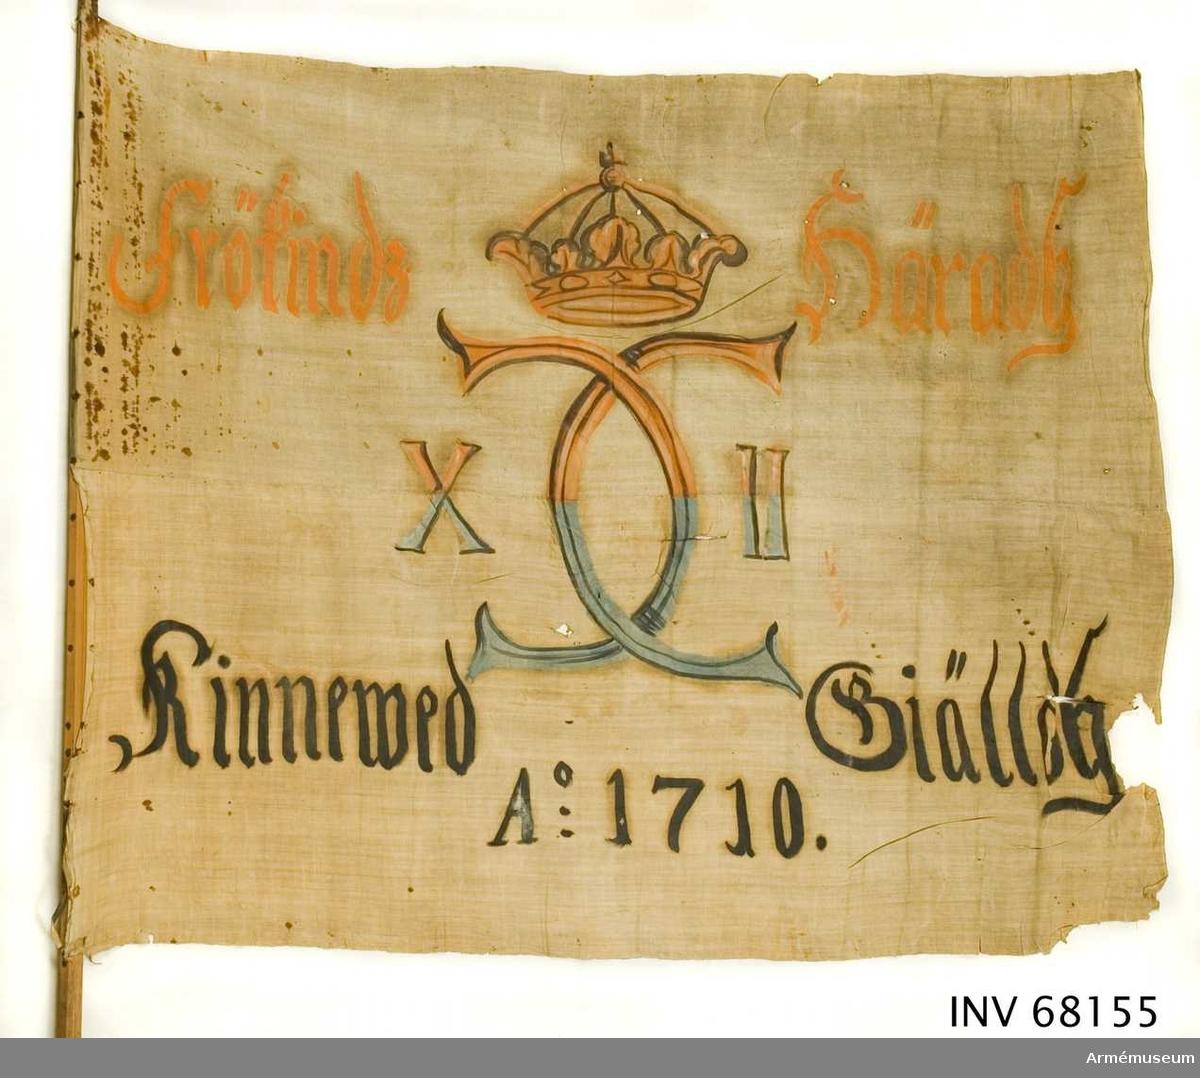 Duk: Tillverkad av enkel vit linnelärft, sydd av två horisontella våder. Fäst vid stången med en rad järnnagel på ett litet band av skinn.  Dekor: Målad i mitten, endast på dukens insida, Karl XII:s namnchiffer, dubbelt C, på ömse sidor om dessa X - II, krönt med sluten krona, i gult och brunt på den övre våden och på den nedre i blått och svart. Text på ömse sidor om chiffret, upptill i gult och nedtill i svart. Under chiffret text i svart.  Stång: Åttkantig stång av furu. Holk och spets i ett av järn. Två stycken stjärnbeslag.